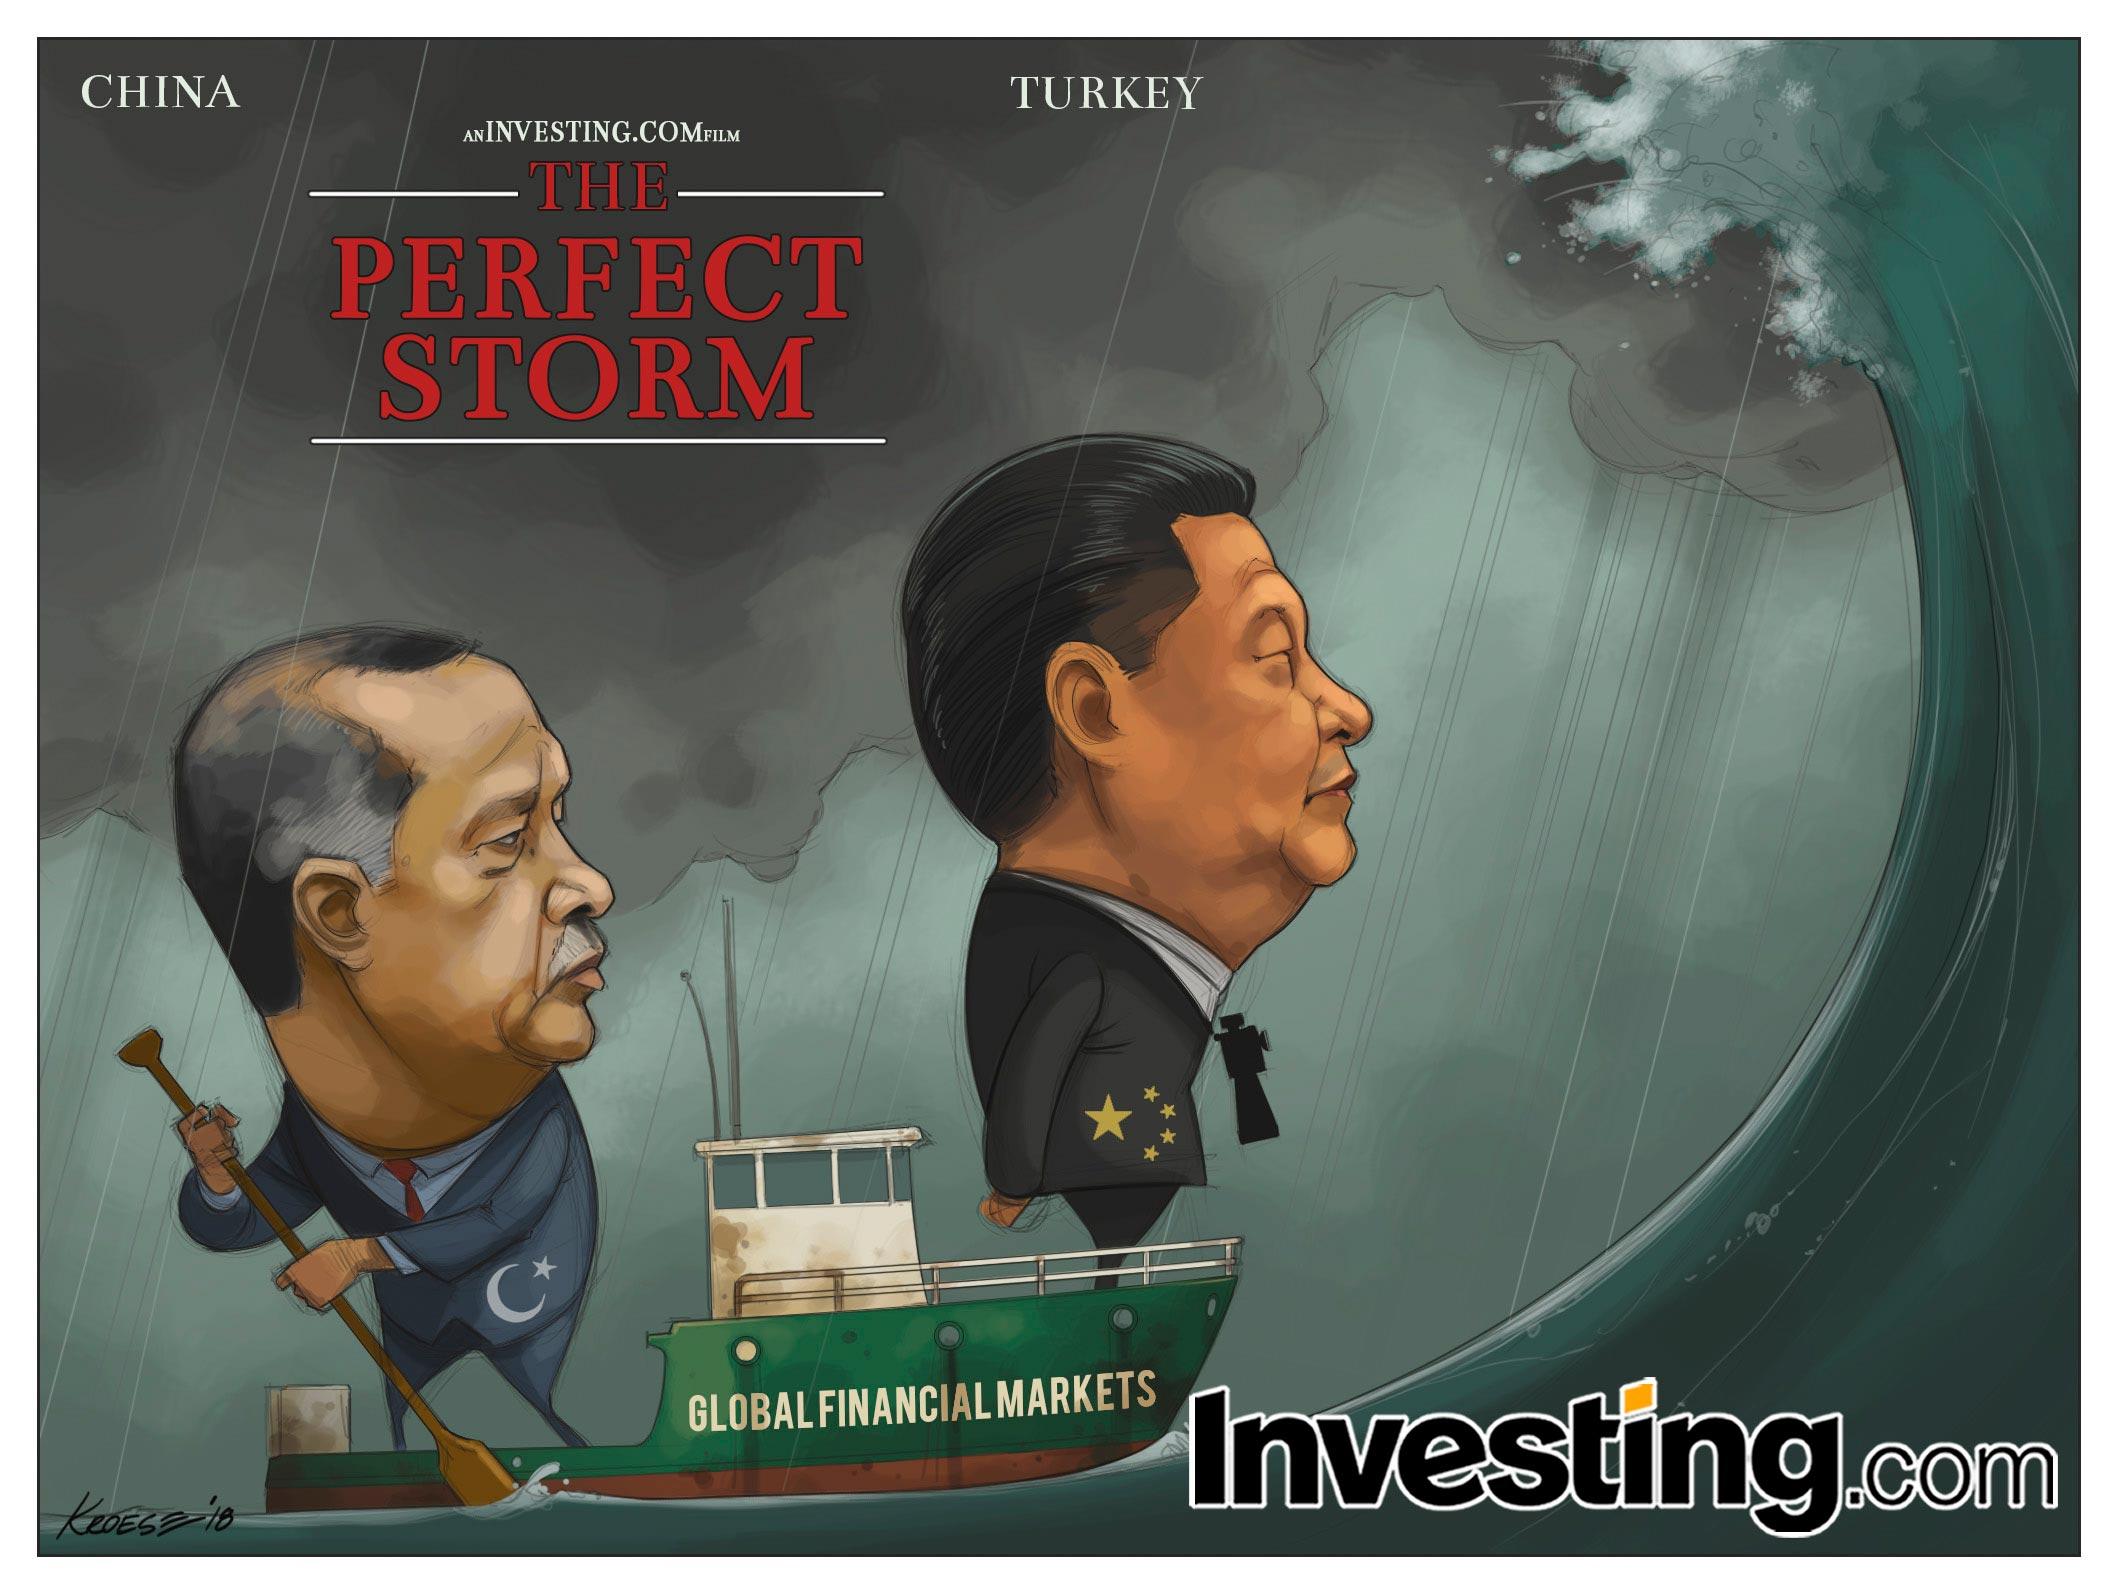 Potentielle crise majeure en préparation avec les turbulences en Chine et en Turquie